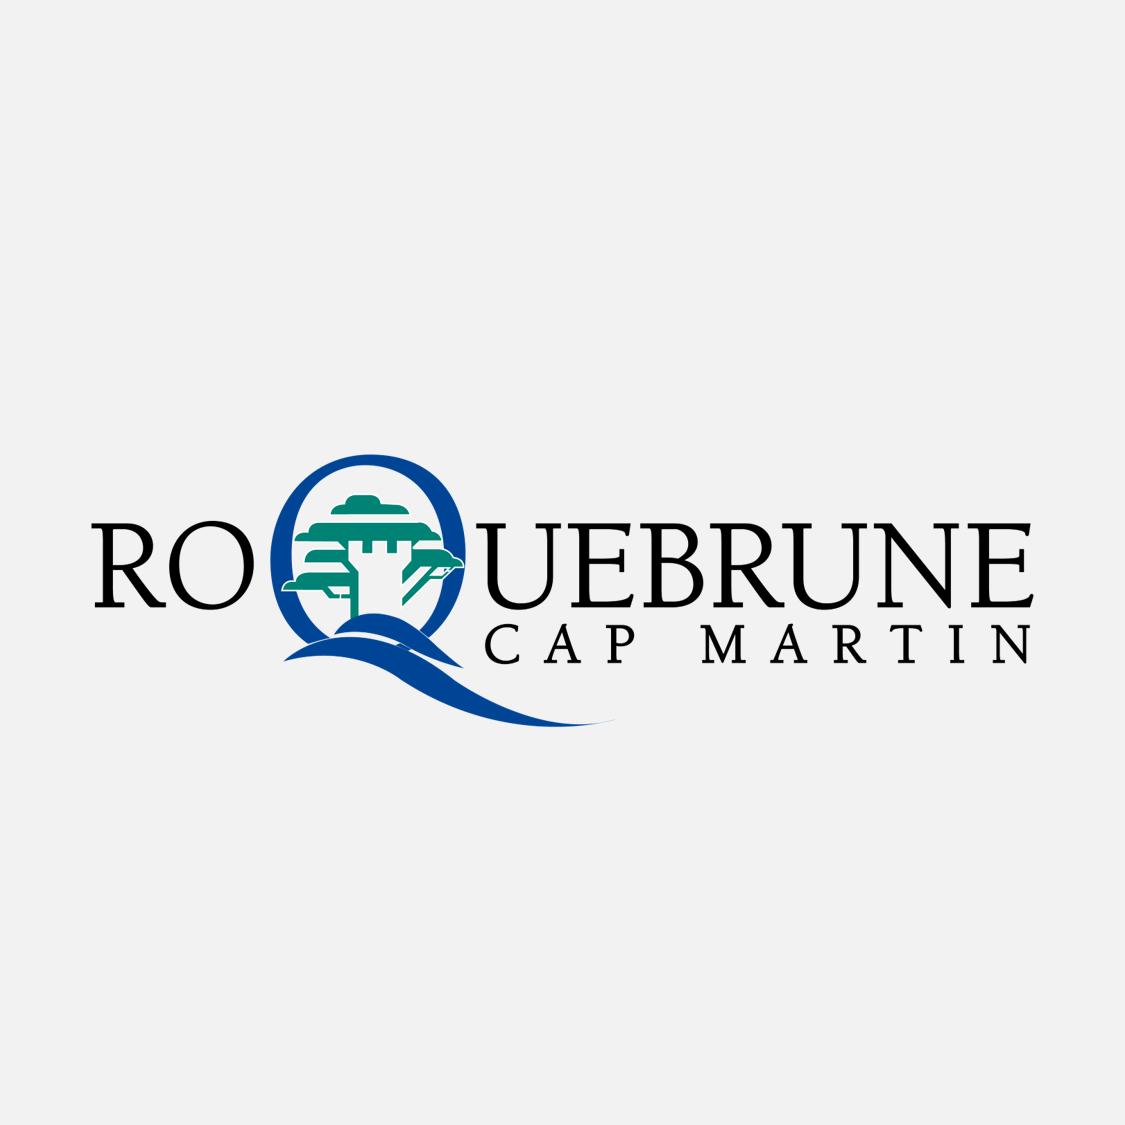 roquebrune_cap_martin_DJ_m4t